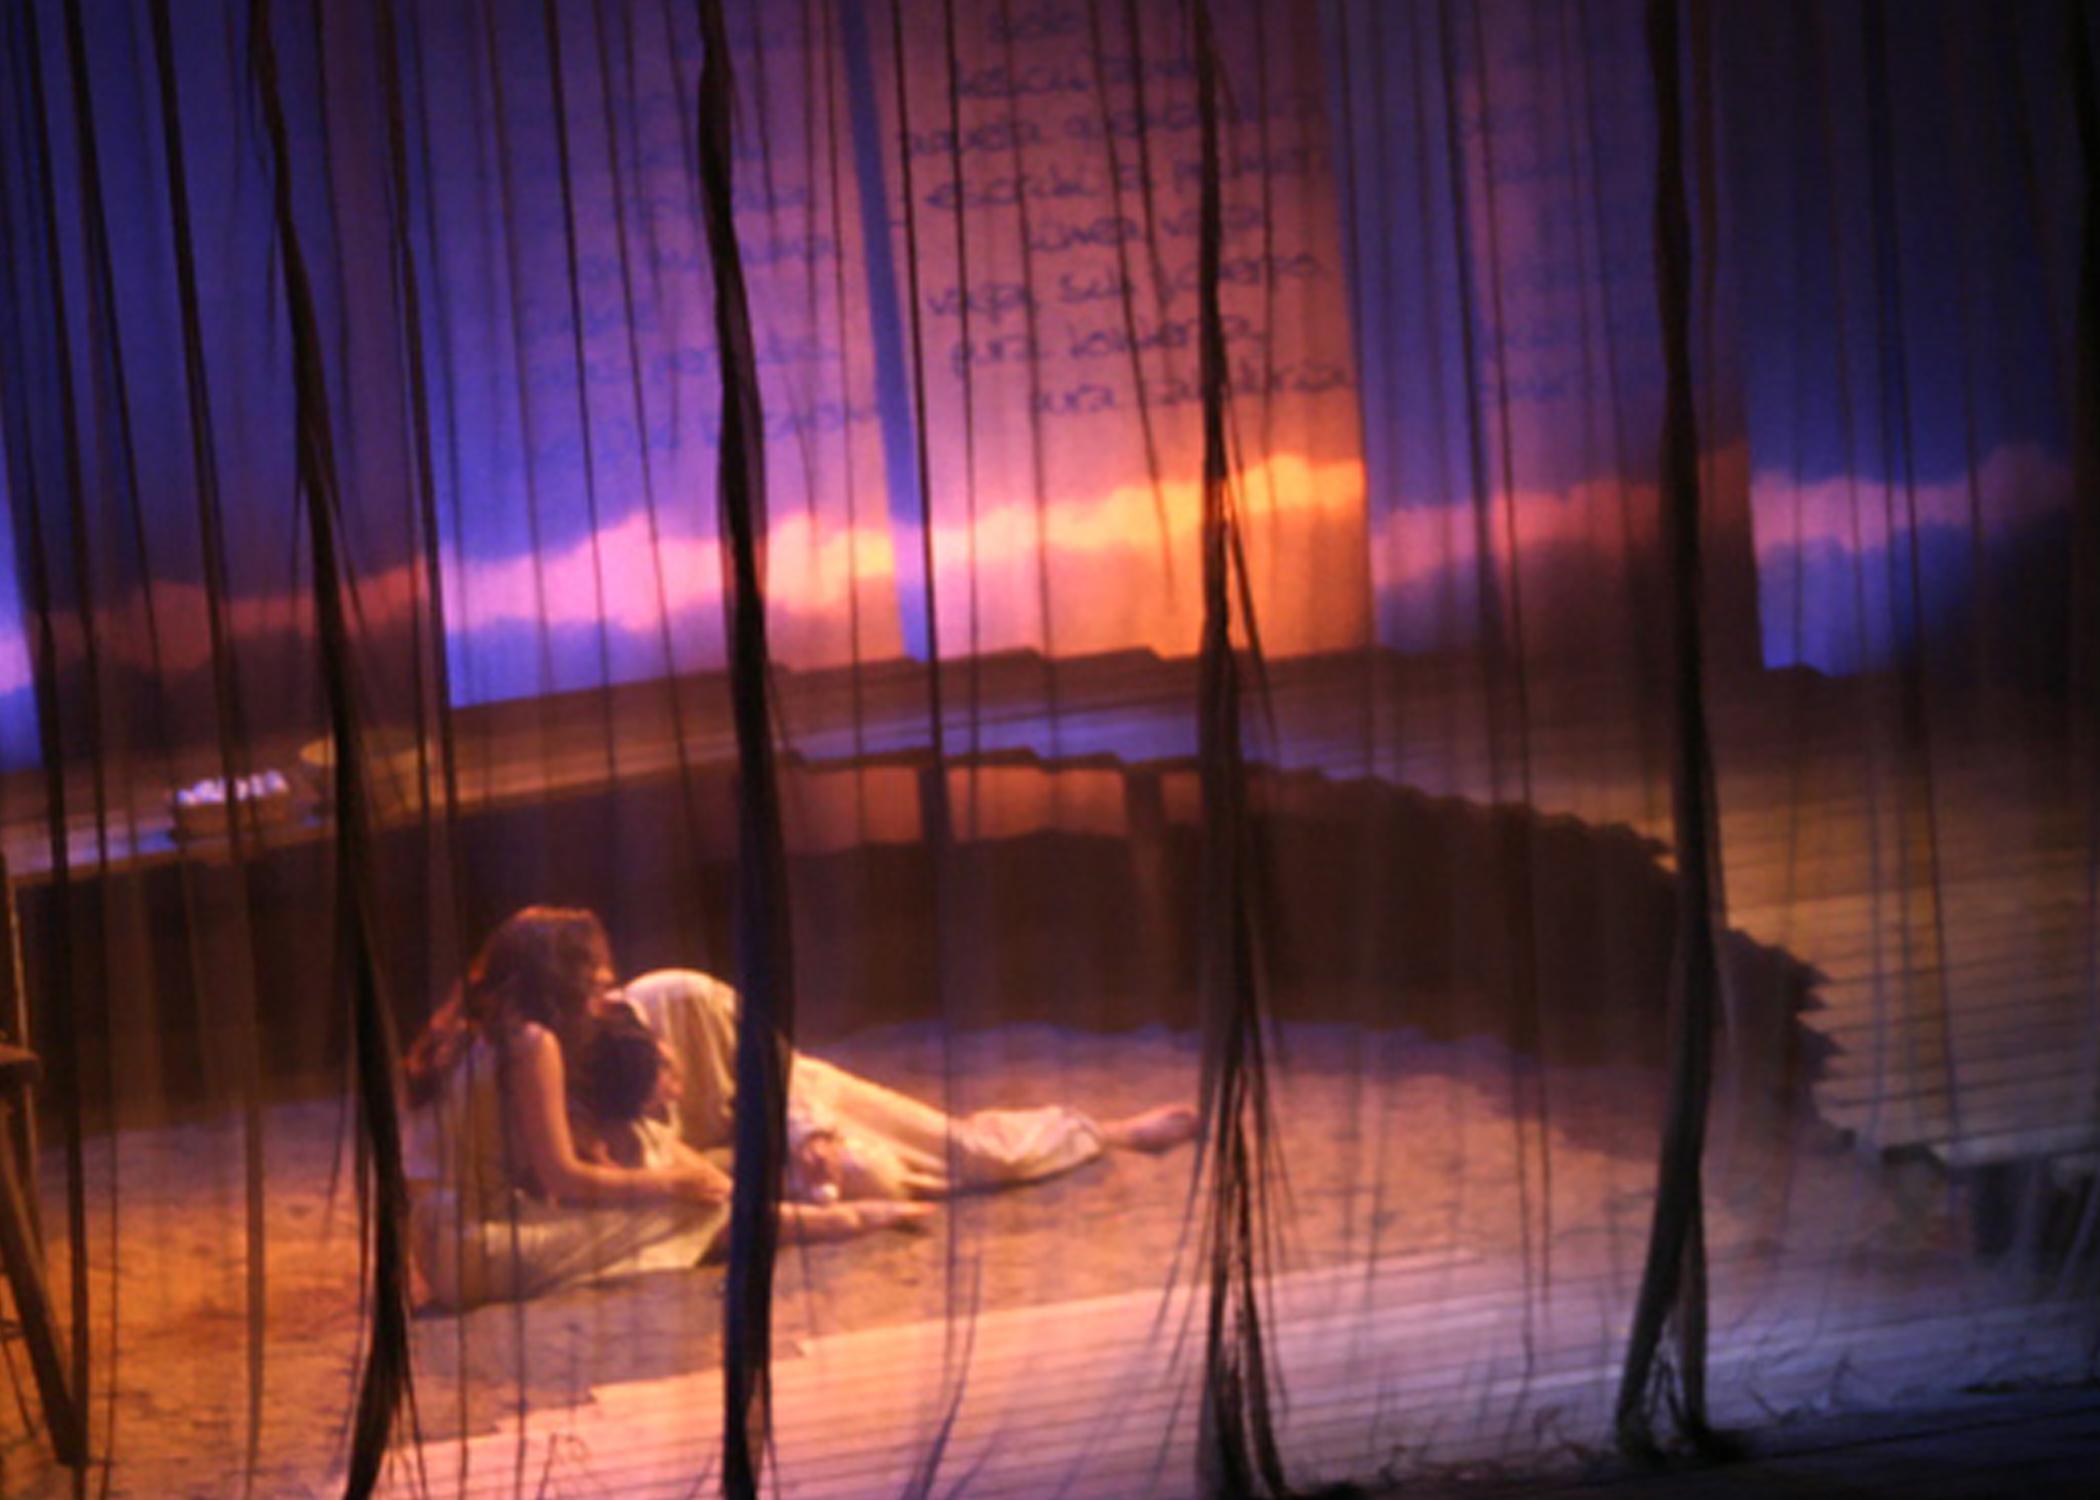 BURNING PATIENCE, Theater Latté Da at the Loring Playhouse, 2003